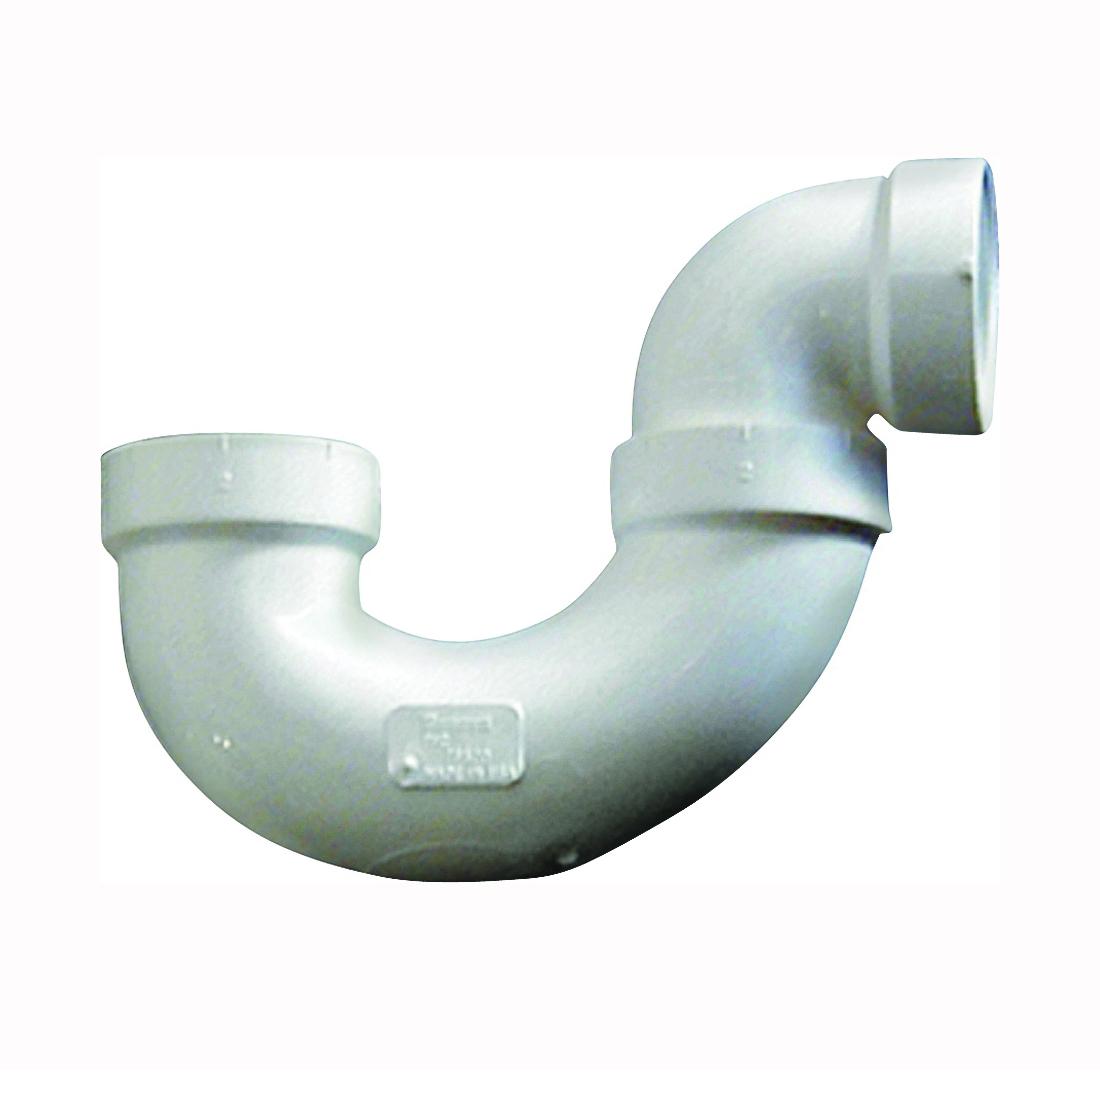 Picture of GENOVA 700 Series 78520 P-Trap, 2 in, PVC, SCH 40 Schedule